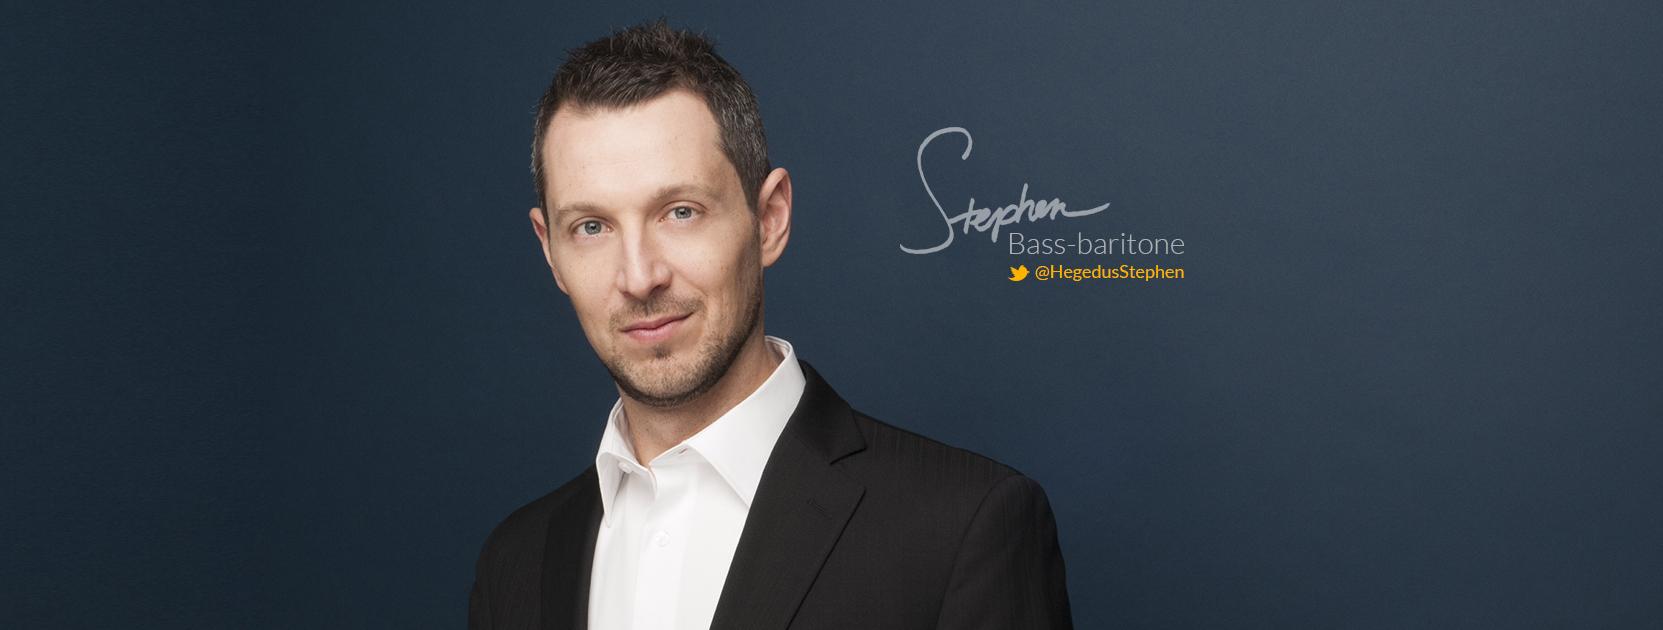 Stephen Hegedus